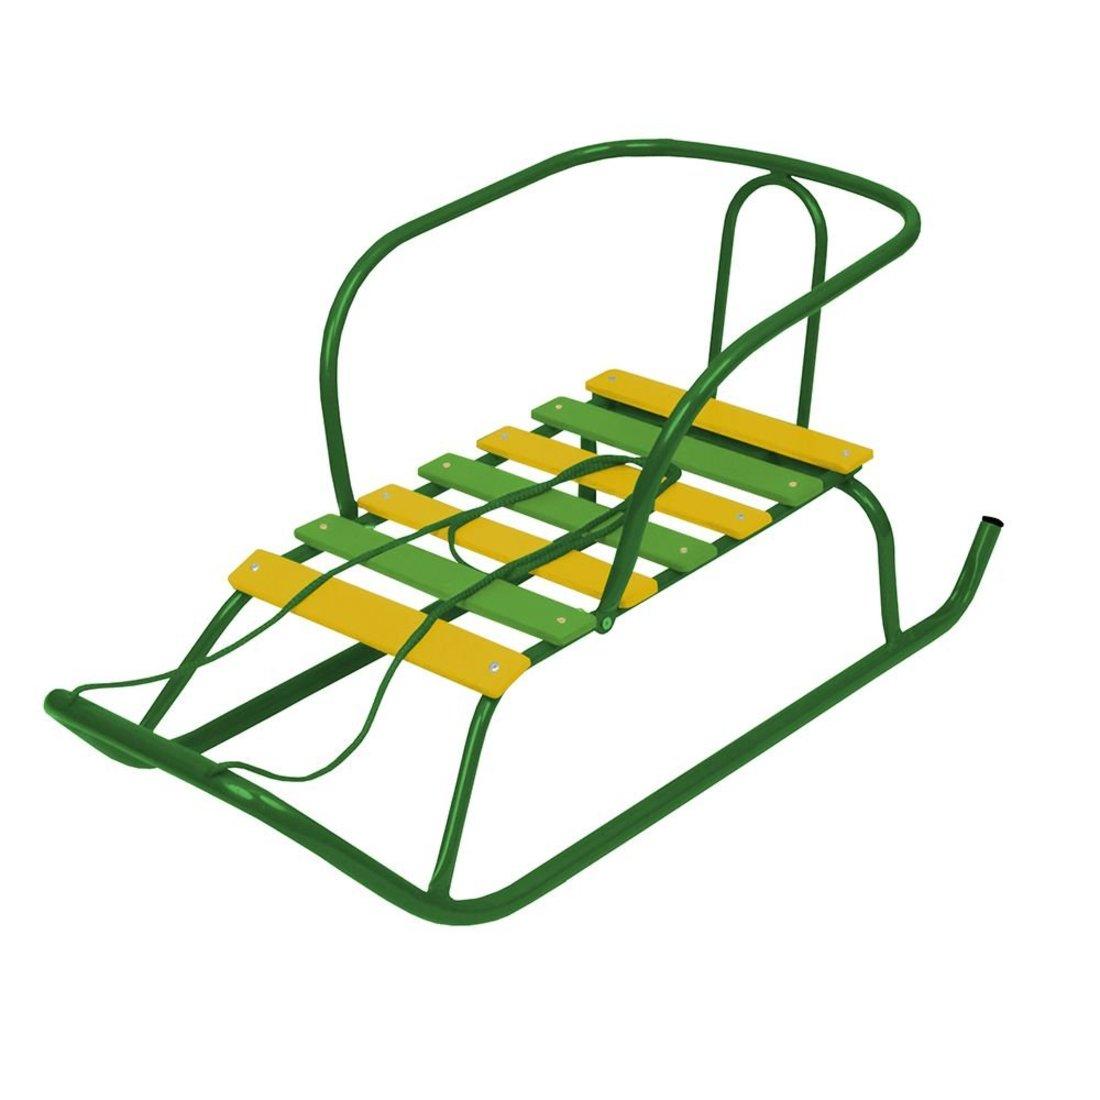 Санки детские Ветерок 1 (зеленый)